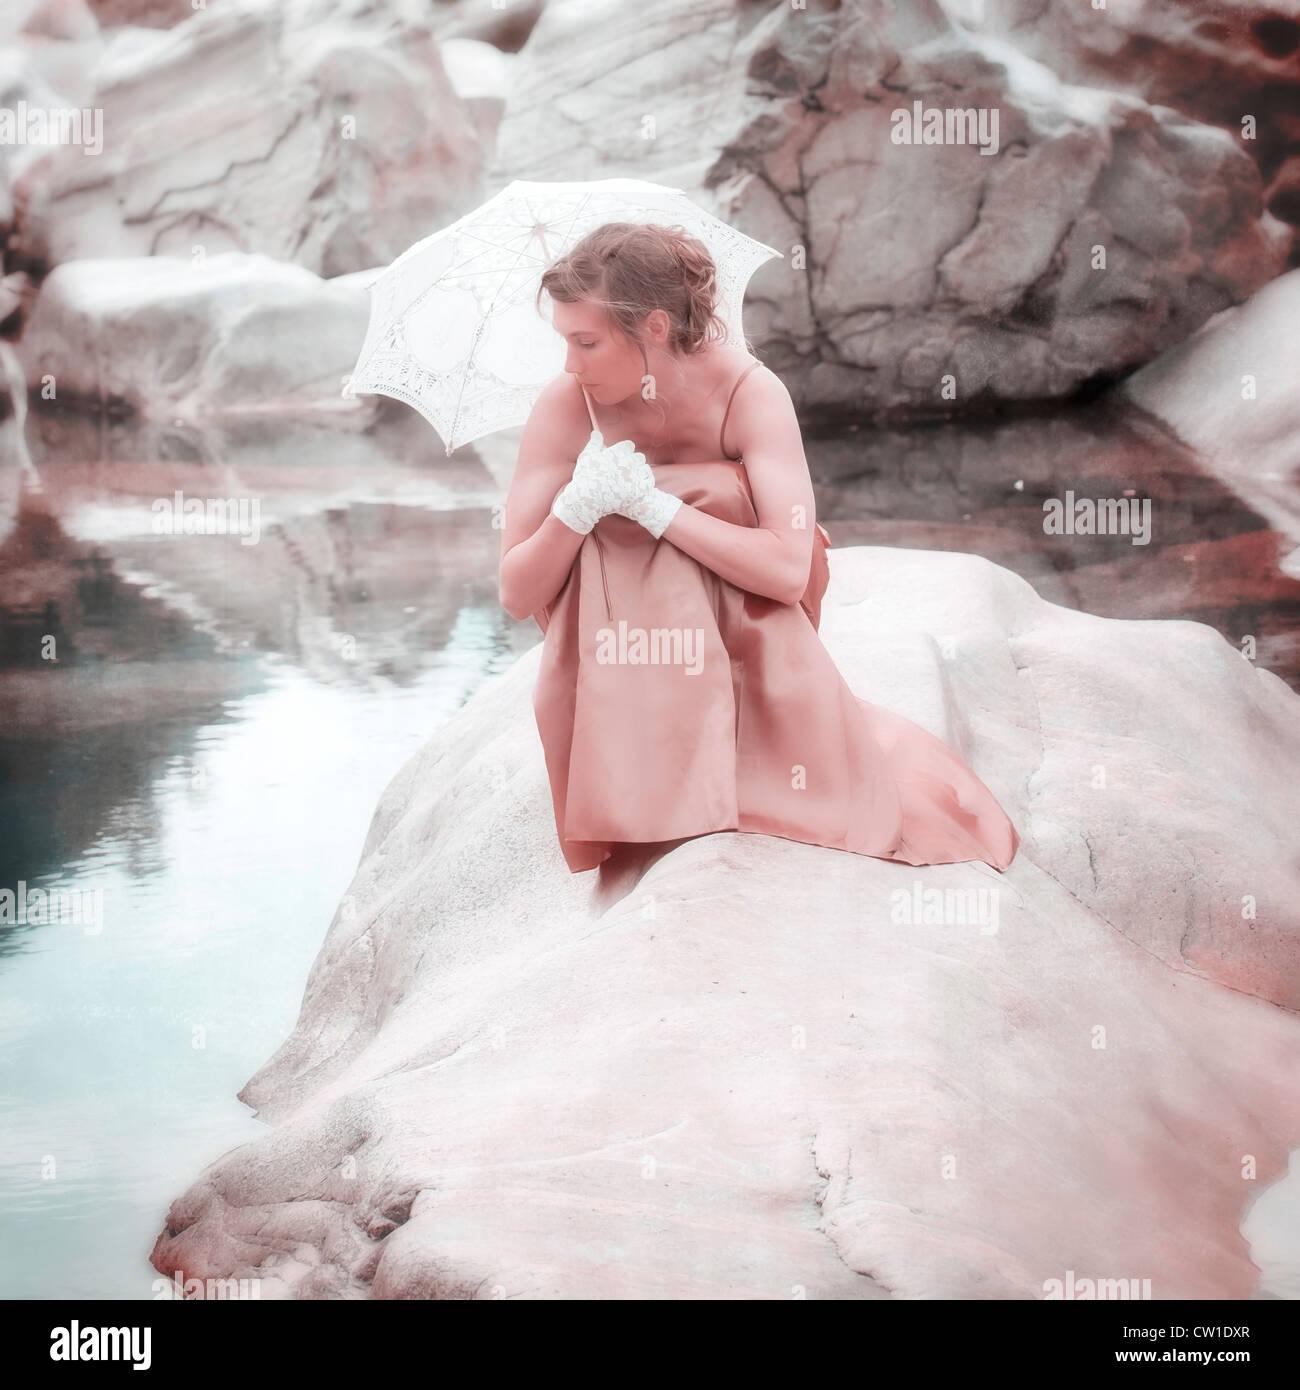 Una giovane donna seduta su una roccia in acqua con un ombrellone Immagini Stock